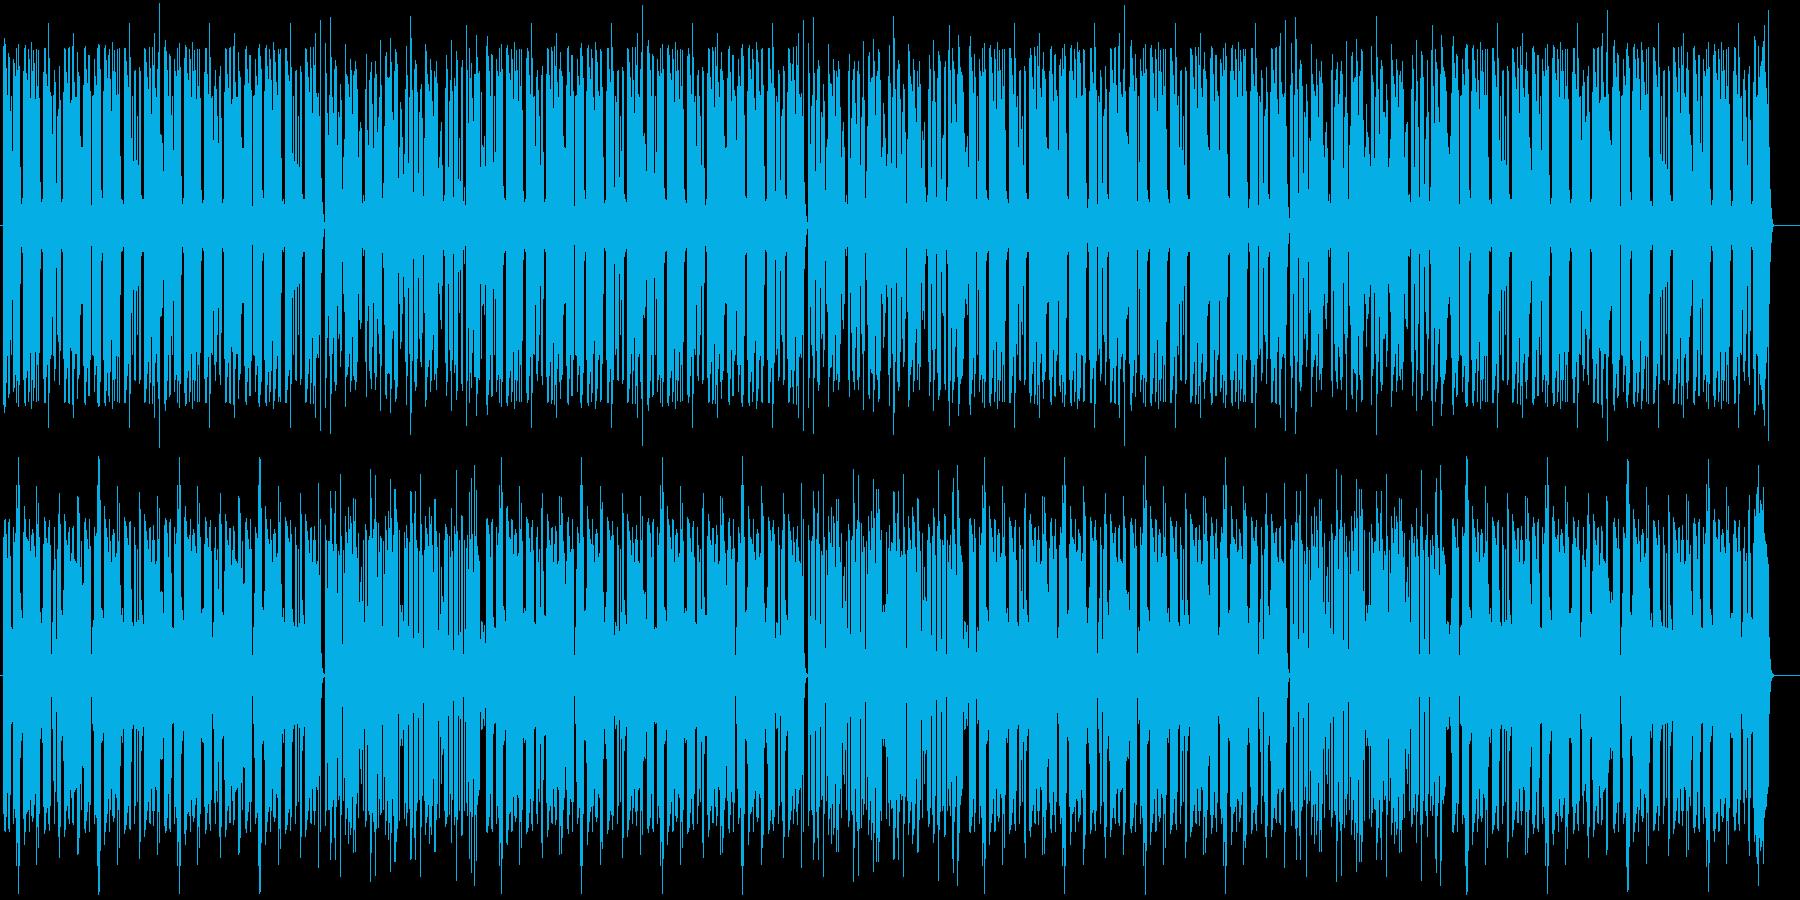 ほんわか脱力系、やる気がないリコーダーの再生済みの波形